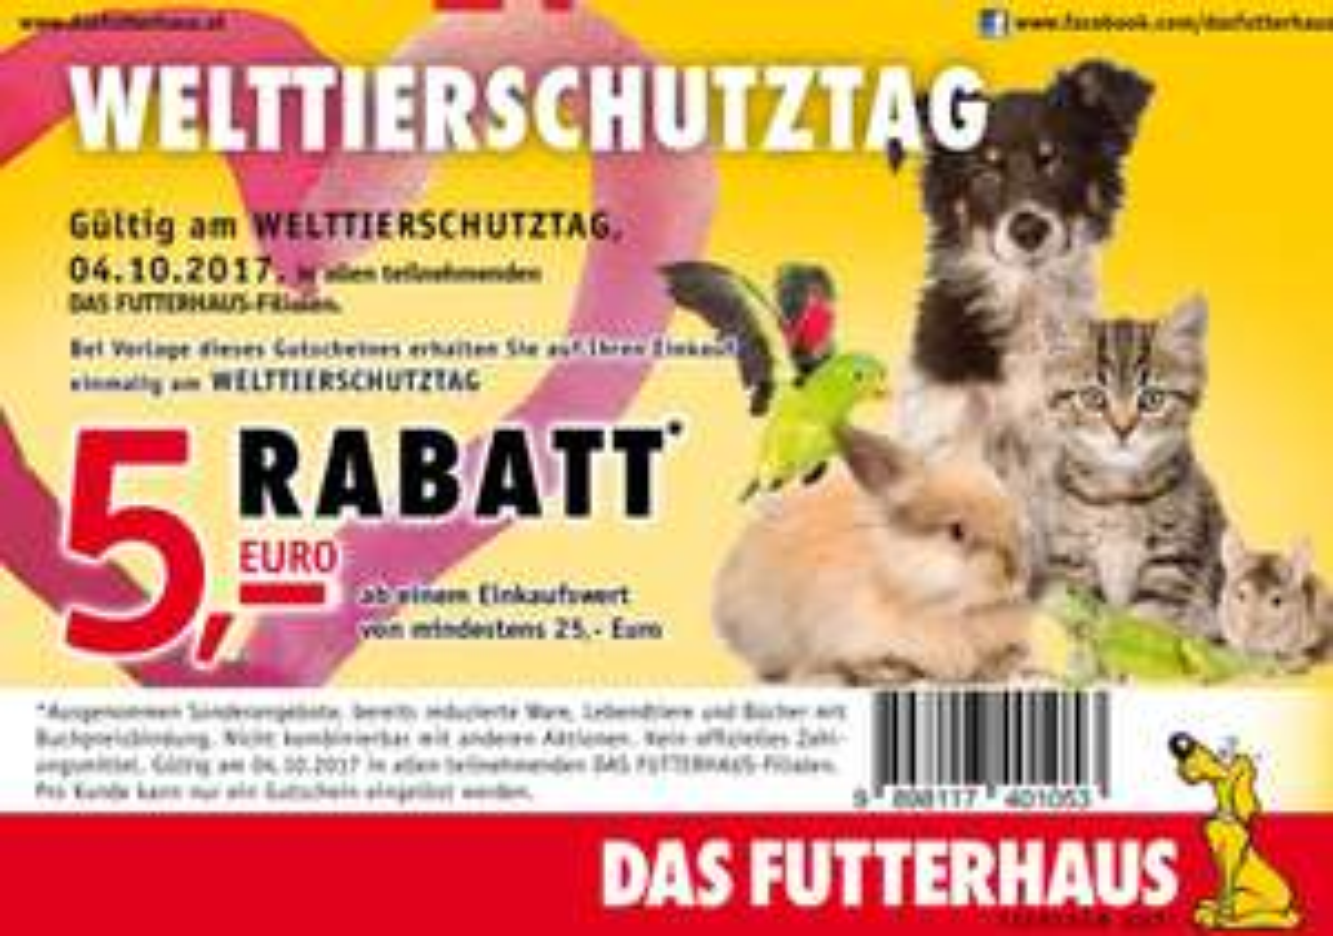 Das Futterhaus Gutschein zum Welttierschutztag am 04.10.2017